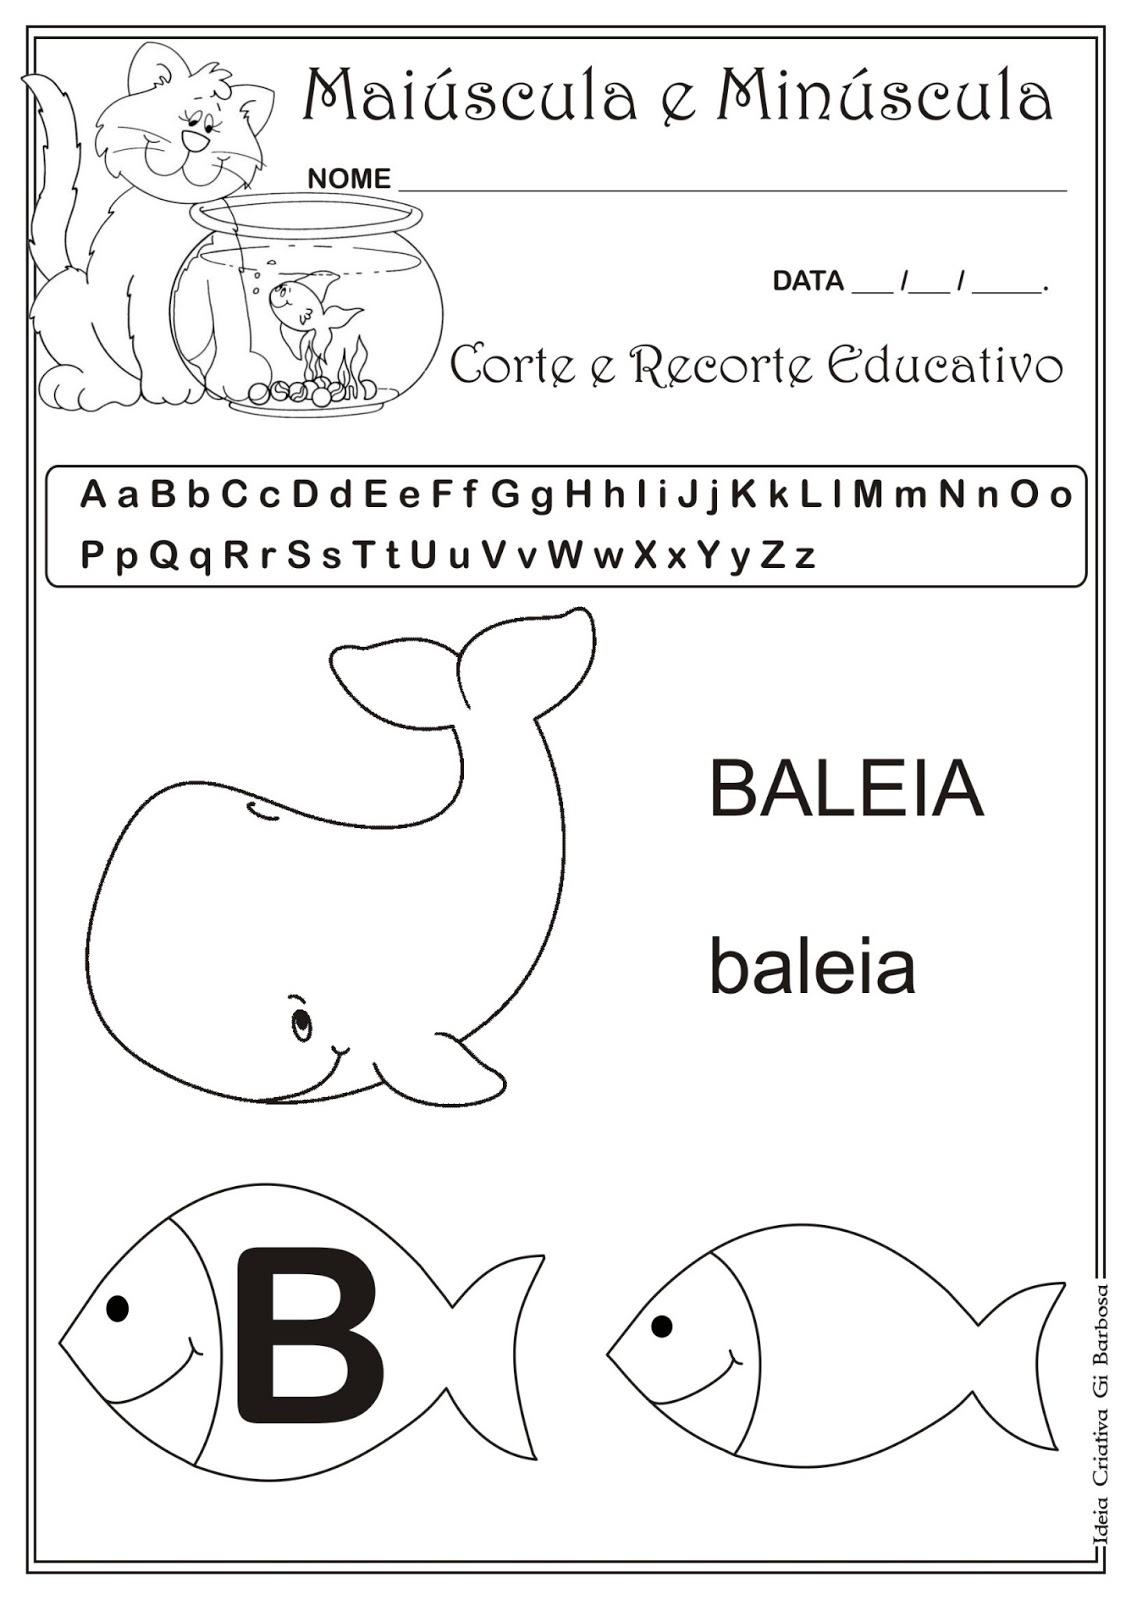 Populares Caderno de Atividades Grátis para imprimir - Corte e Recorte  JC86